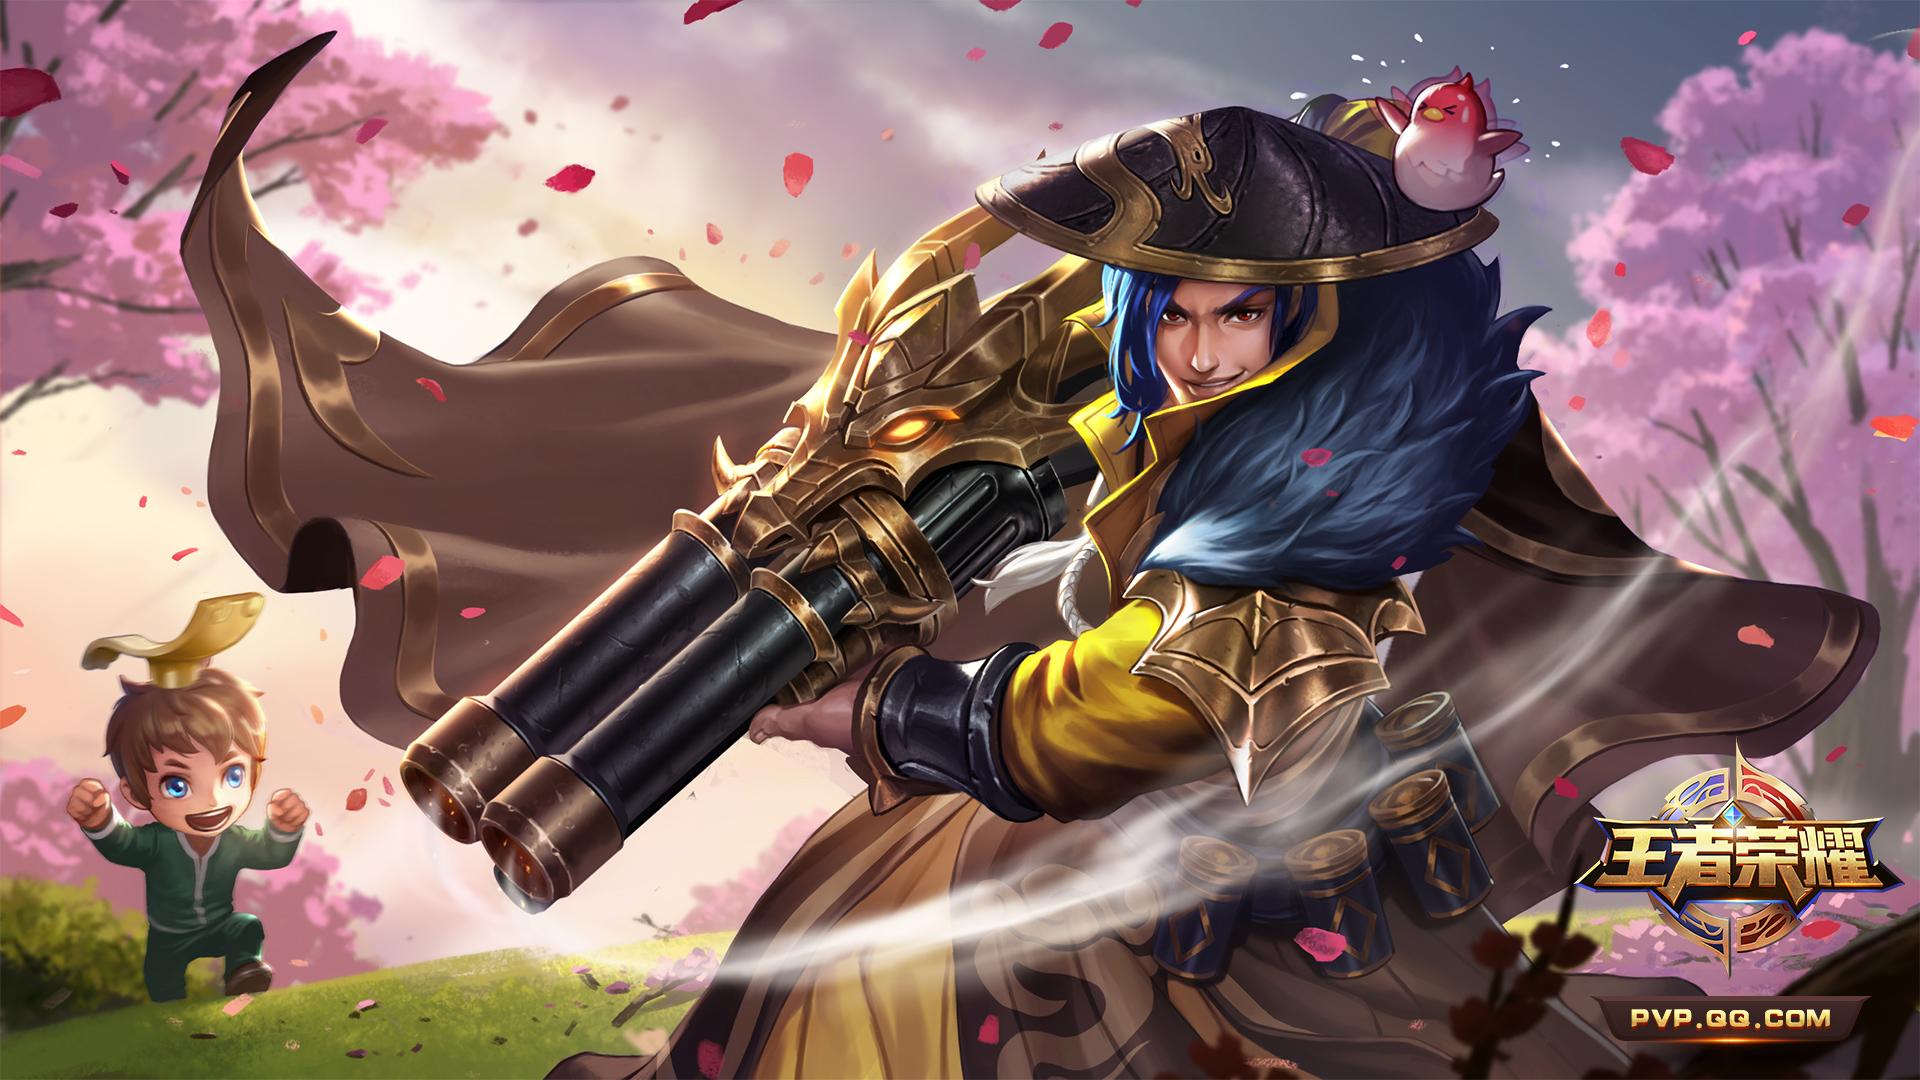 第1弹《王者荣耀英雄皮肤CG》竞技游戏227